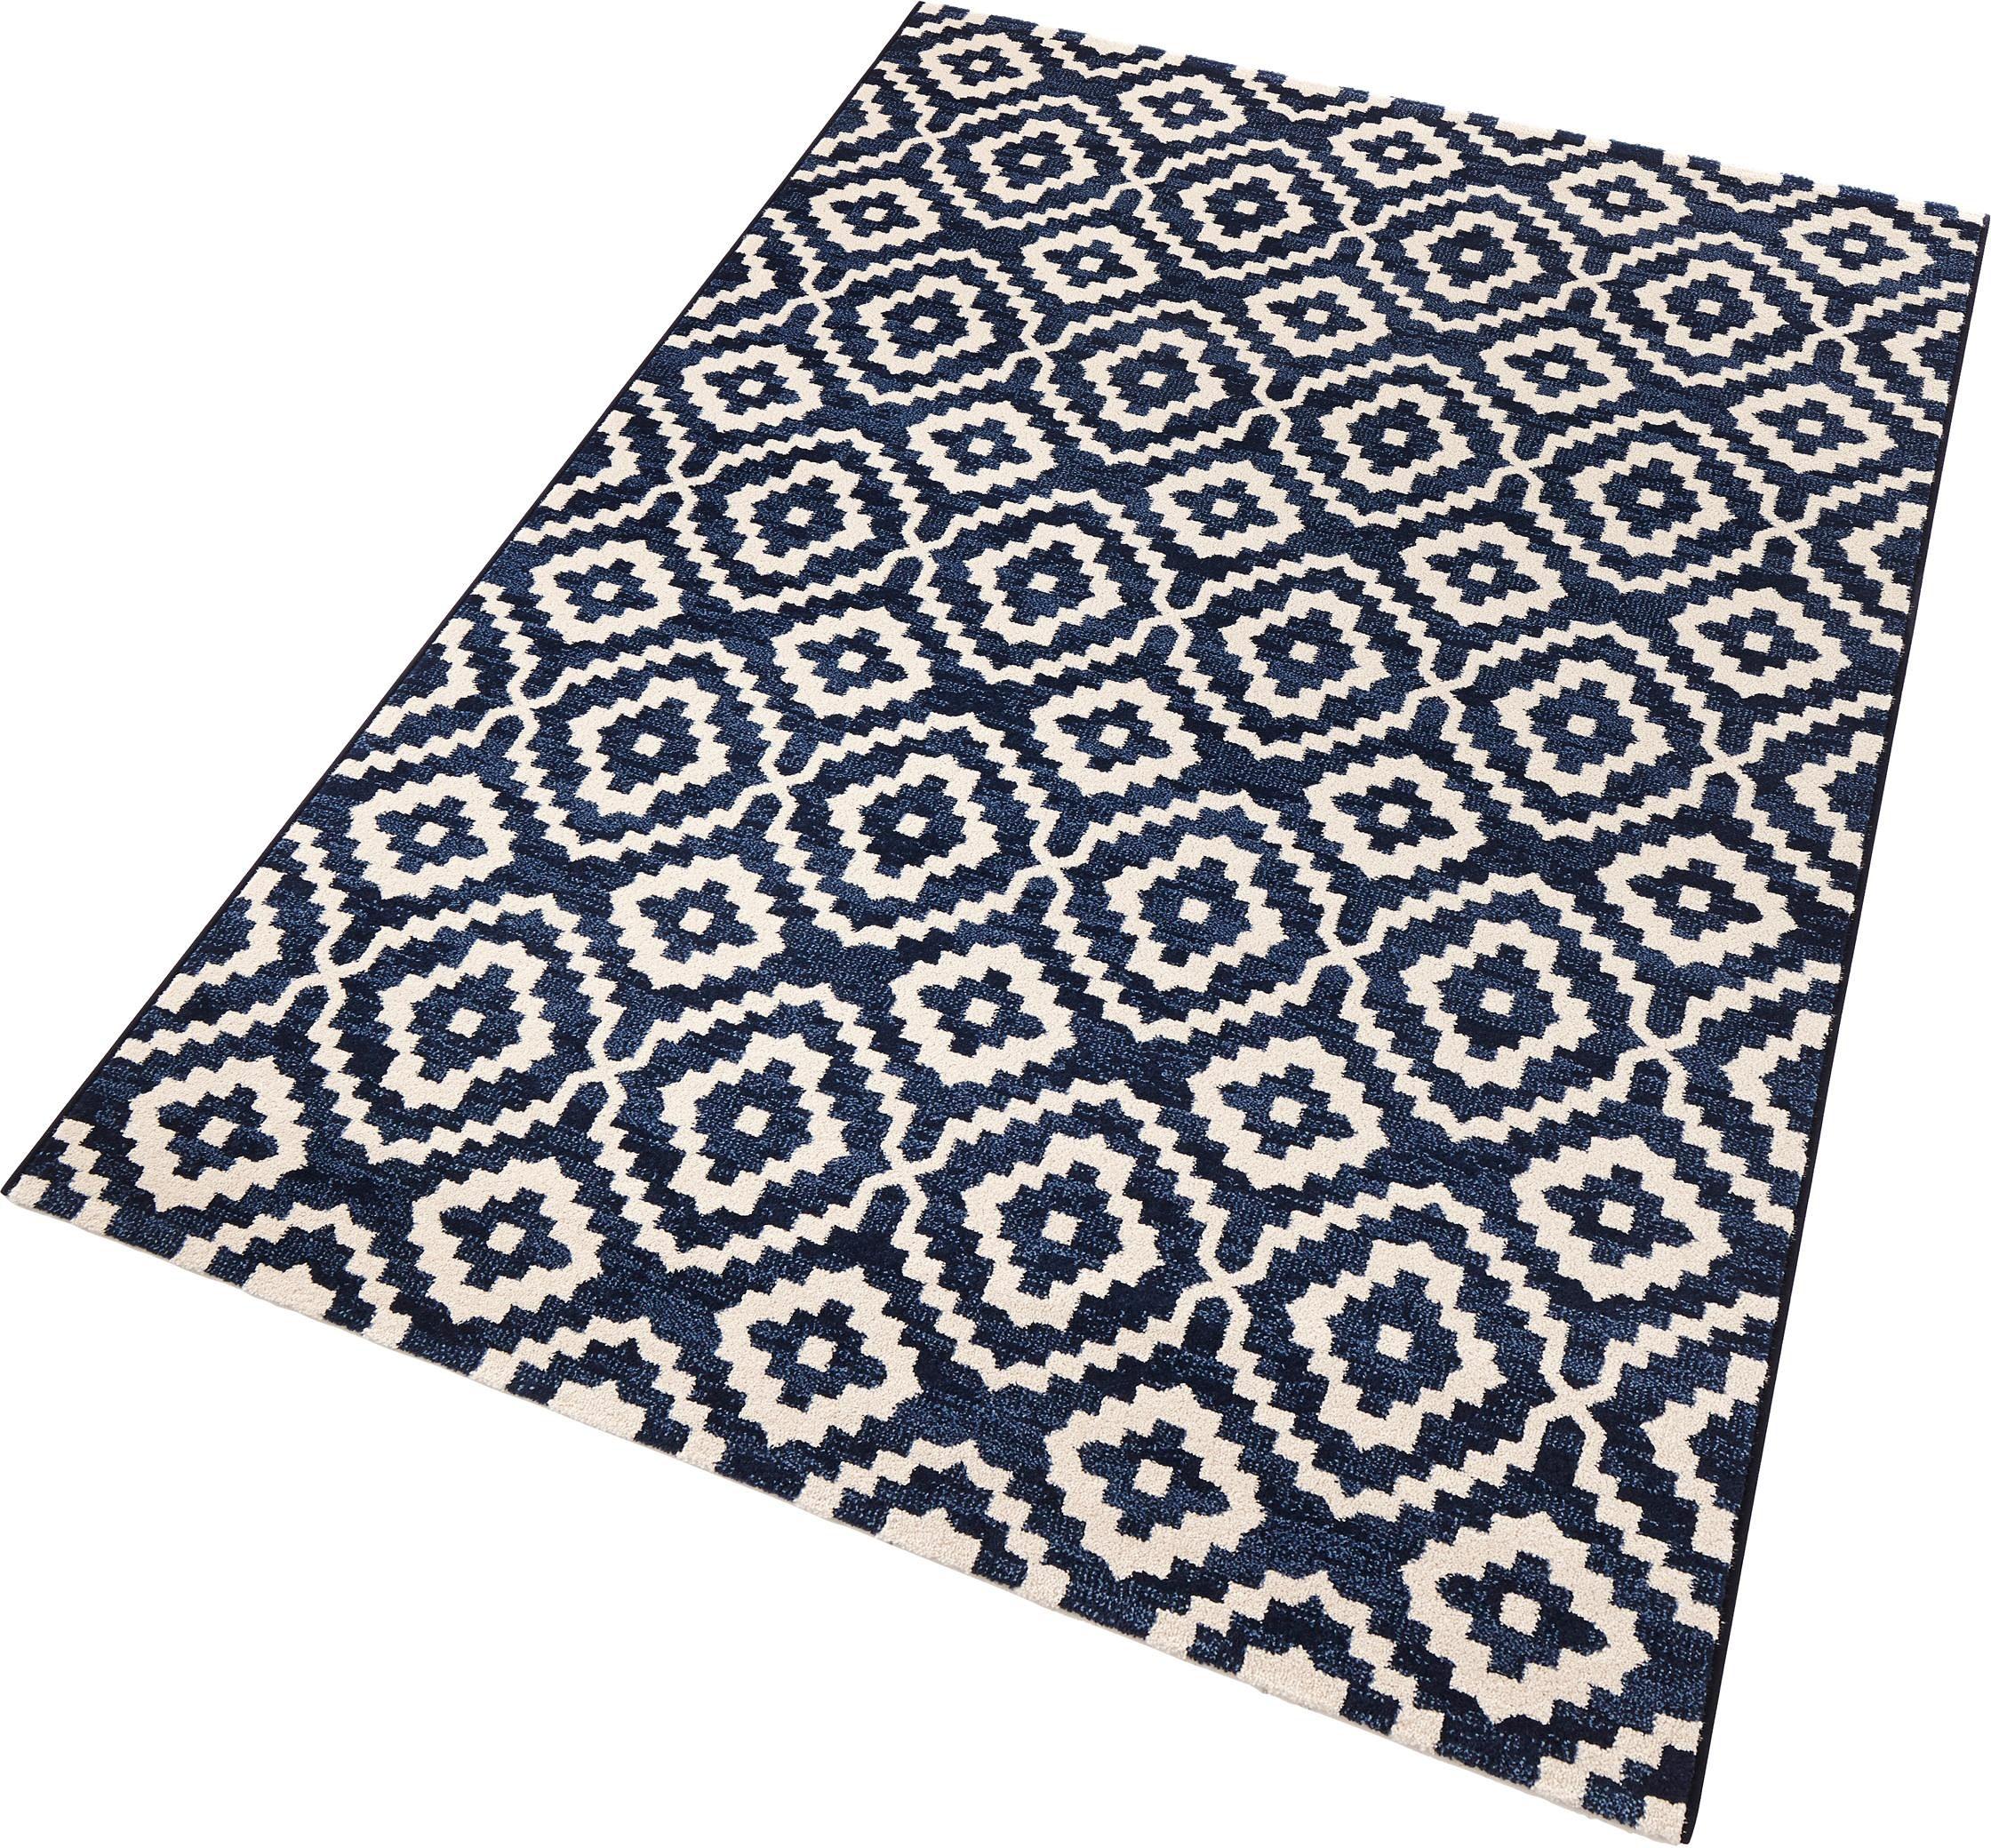 Teppich Skandi SCHÖNGEIST & PETERSEN rechteckig Höhe 9 mm